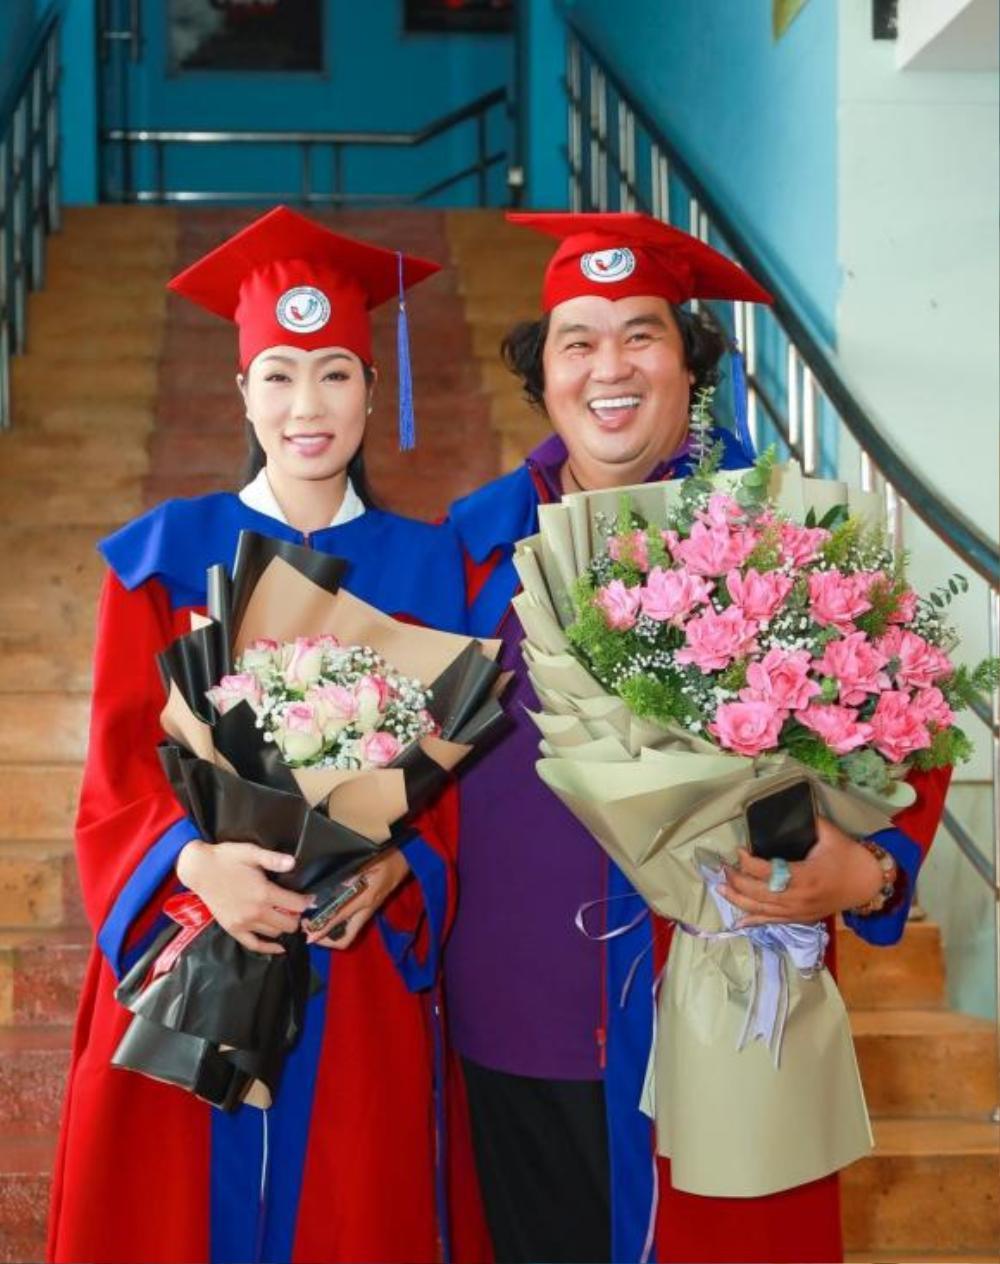 Ở tuổi 49, Á hậu Trịnh Kim Chi tốt nghiệp Cử nhân Trường đại học Sân khấu - Điện ảnh Ảnh 3